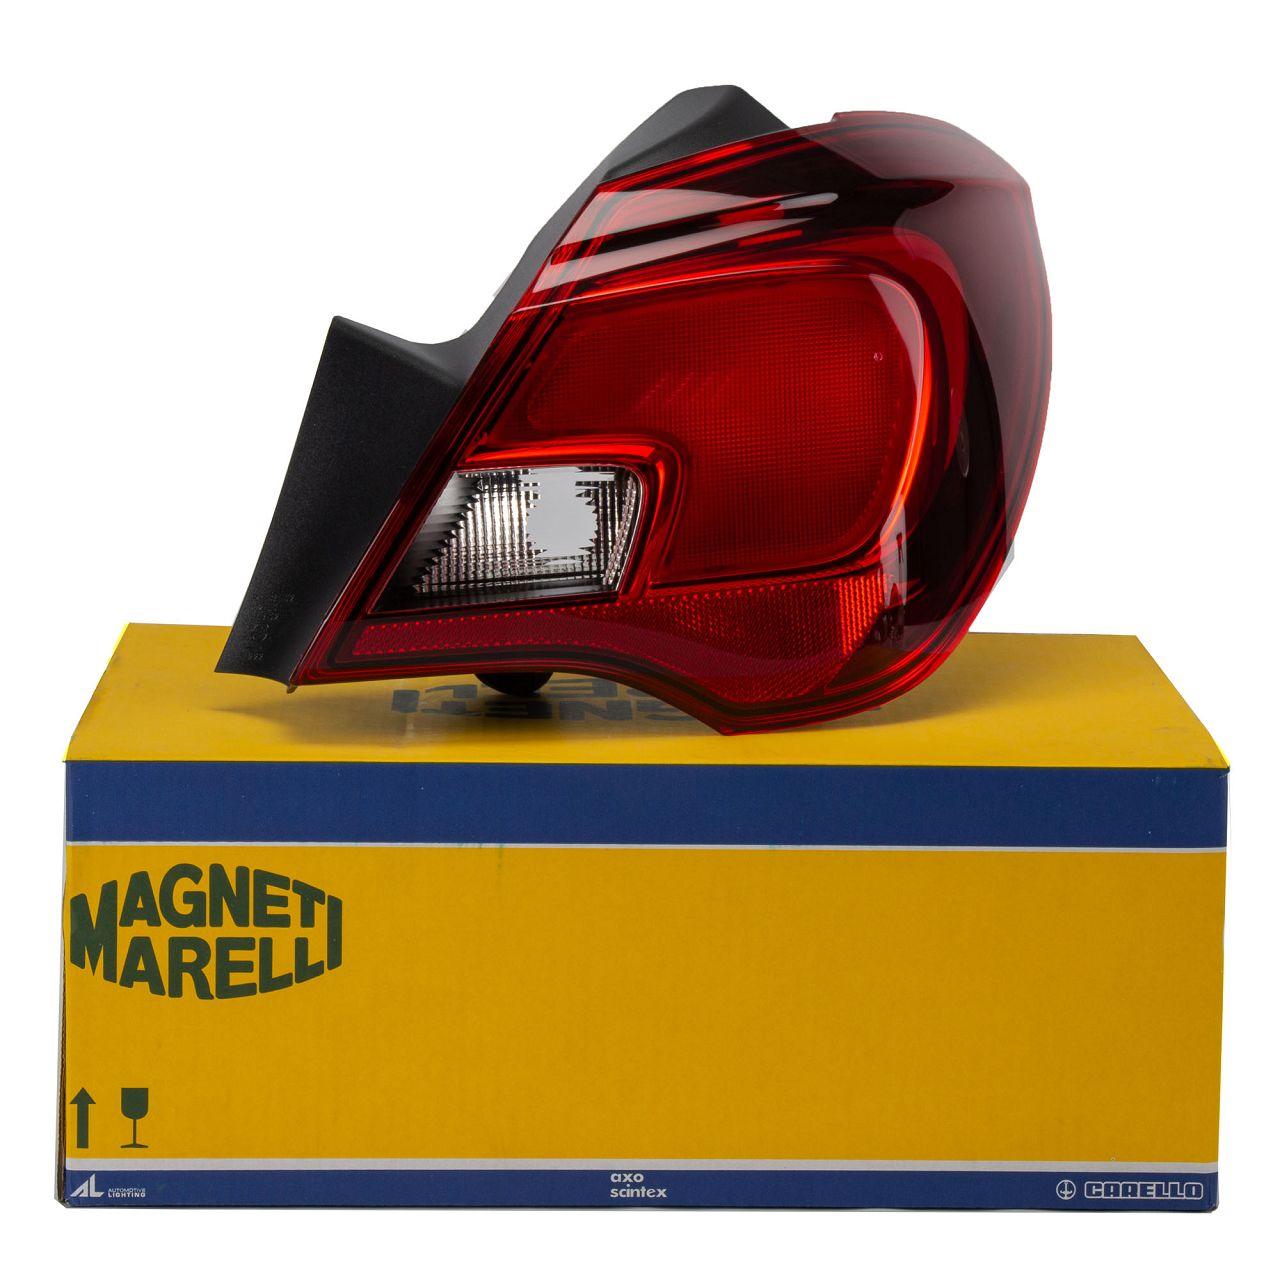 MAGNETI MARELLI Heckleuchte Rückleuchte für OPEL CORSA E + VAN aussen rechts